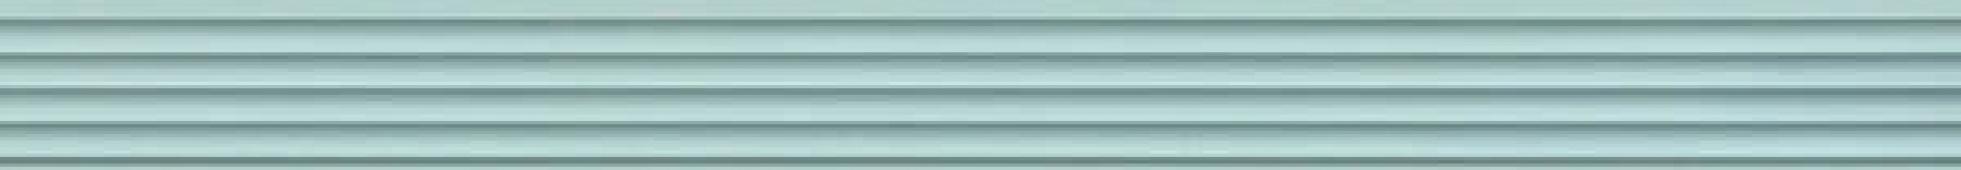 LSA017 Спига голубой структура 40*3.4 бордюр